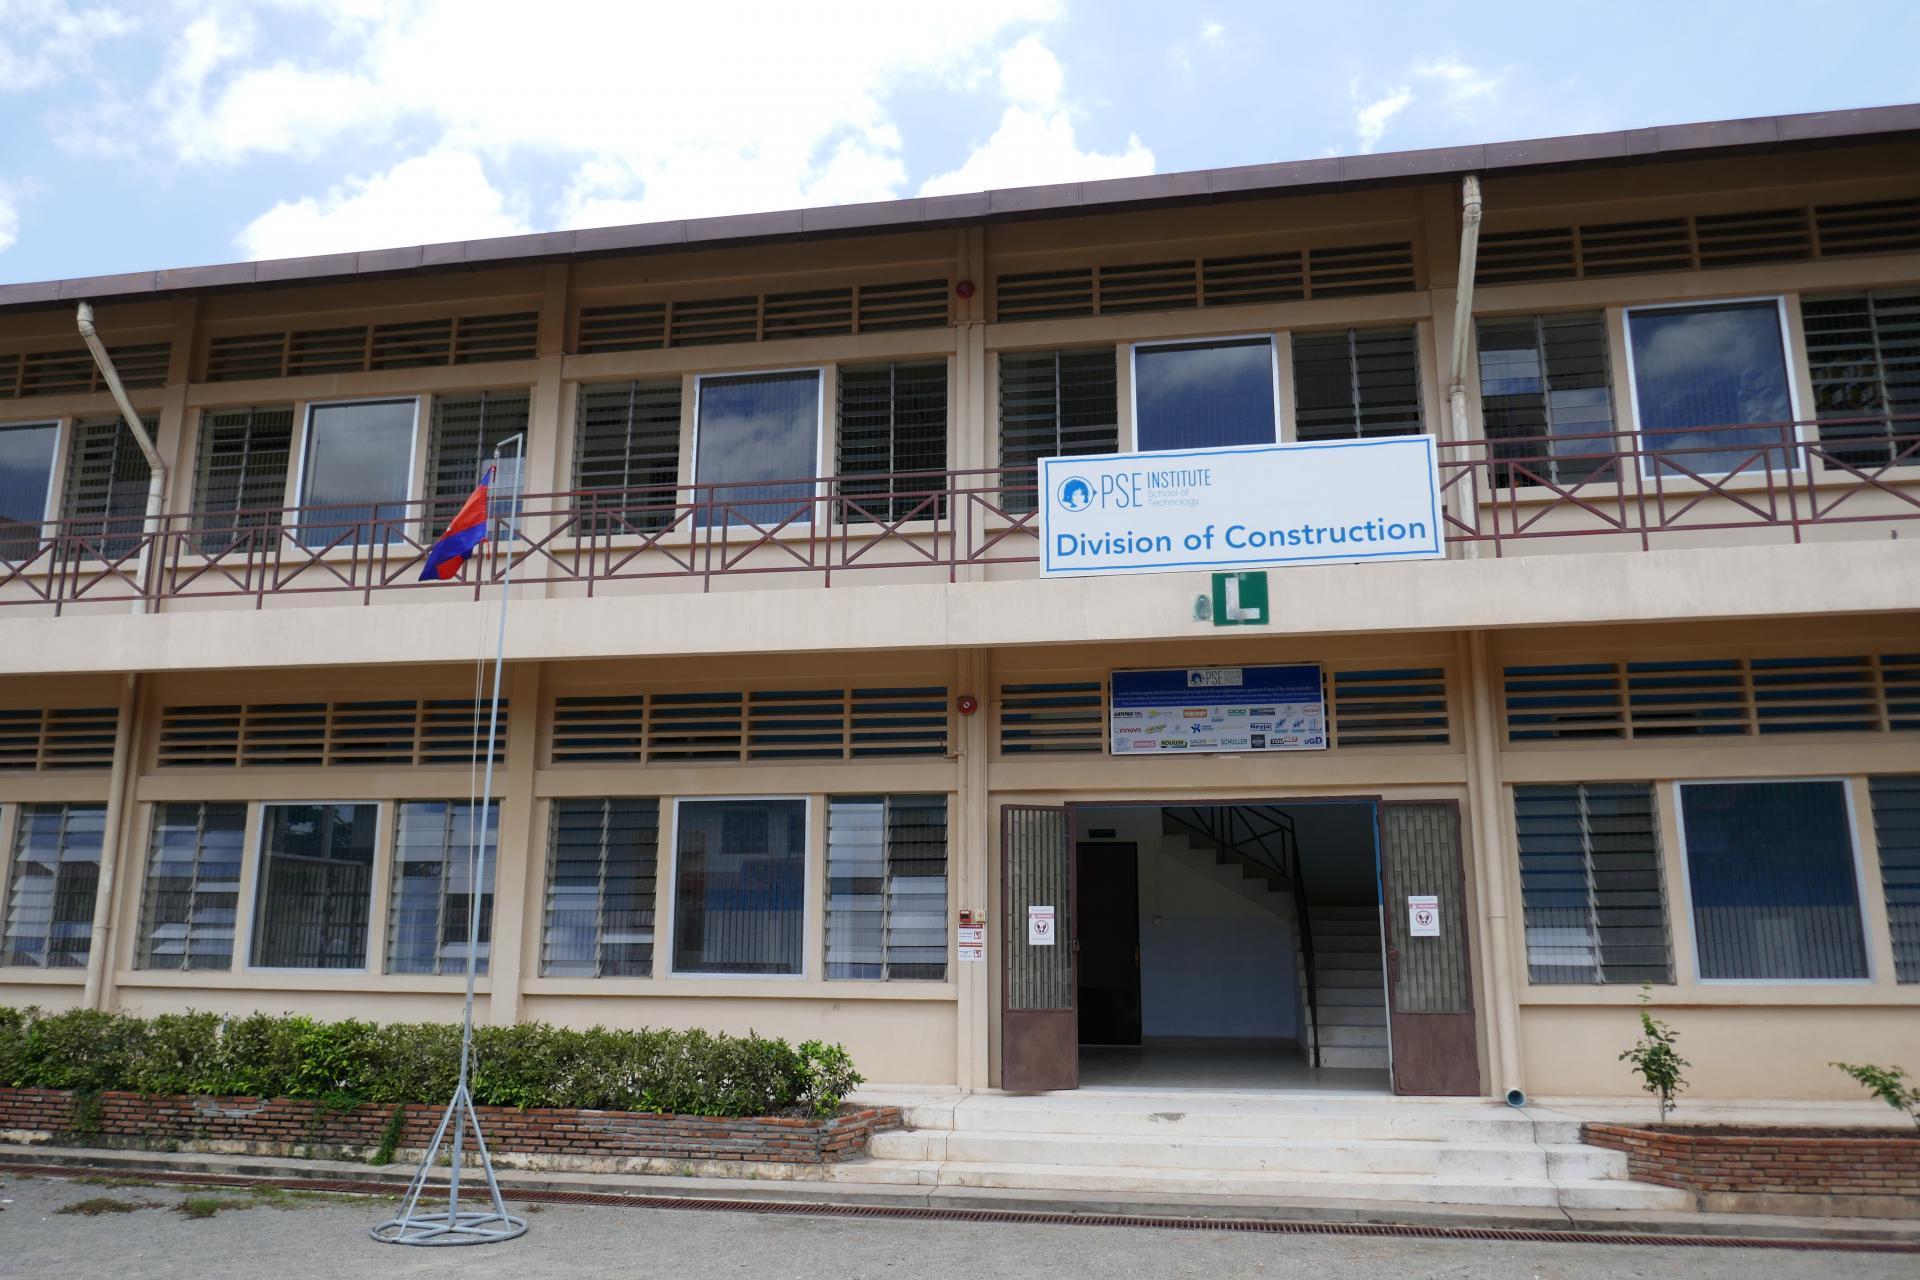 L'école de construction de PSE